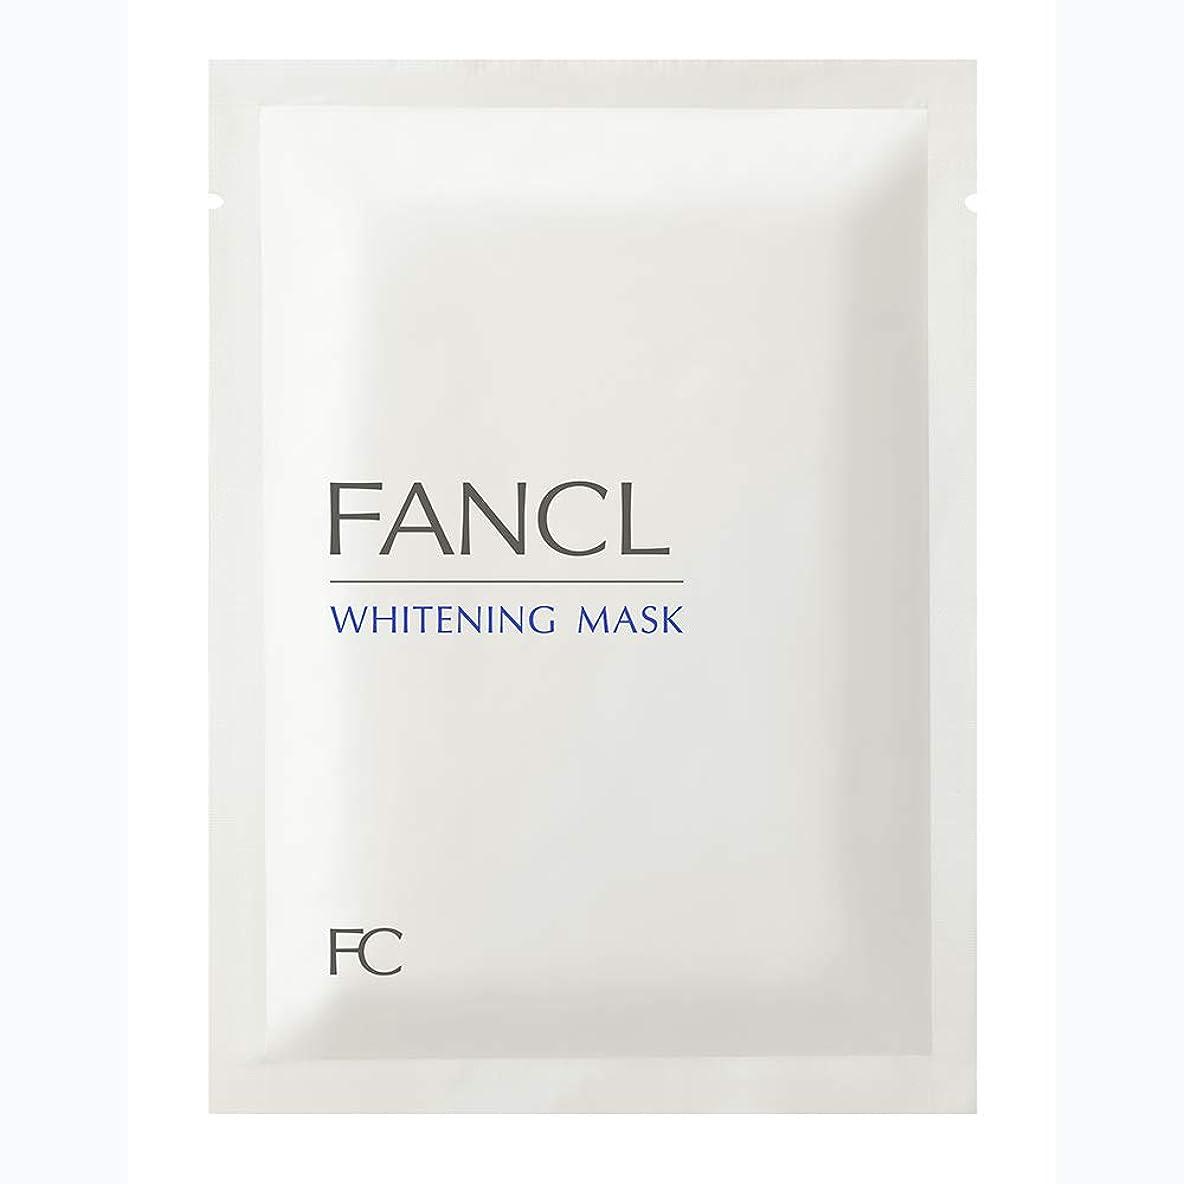 墓平方罪悪感新ファンケル(FANCL) ホワイトニング マスク<医薬部外品> 21mL×6枚